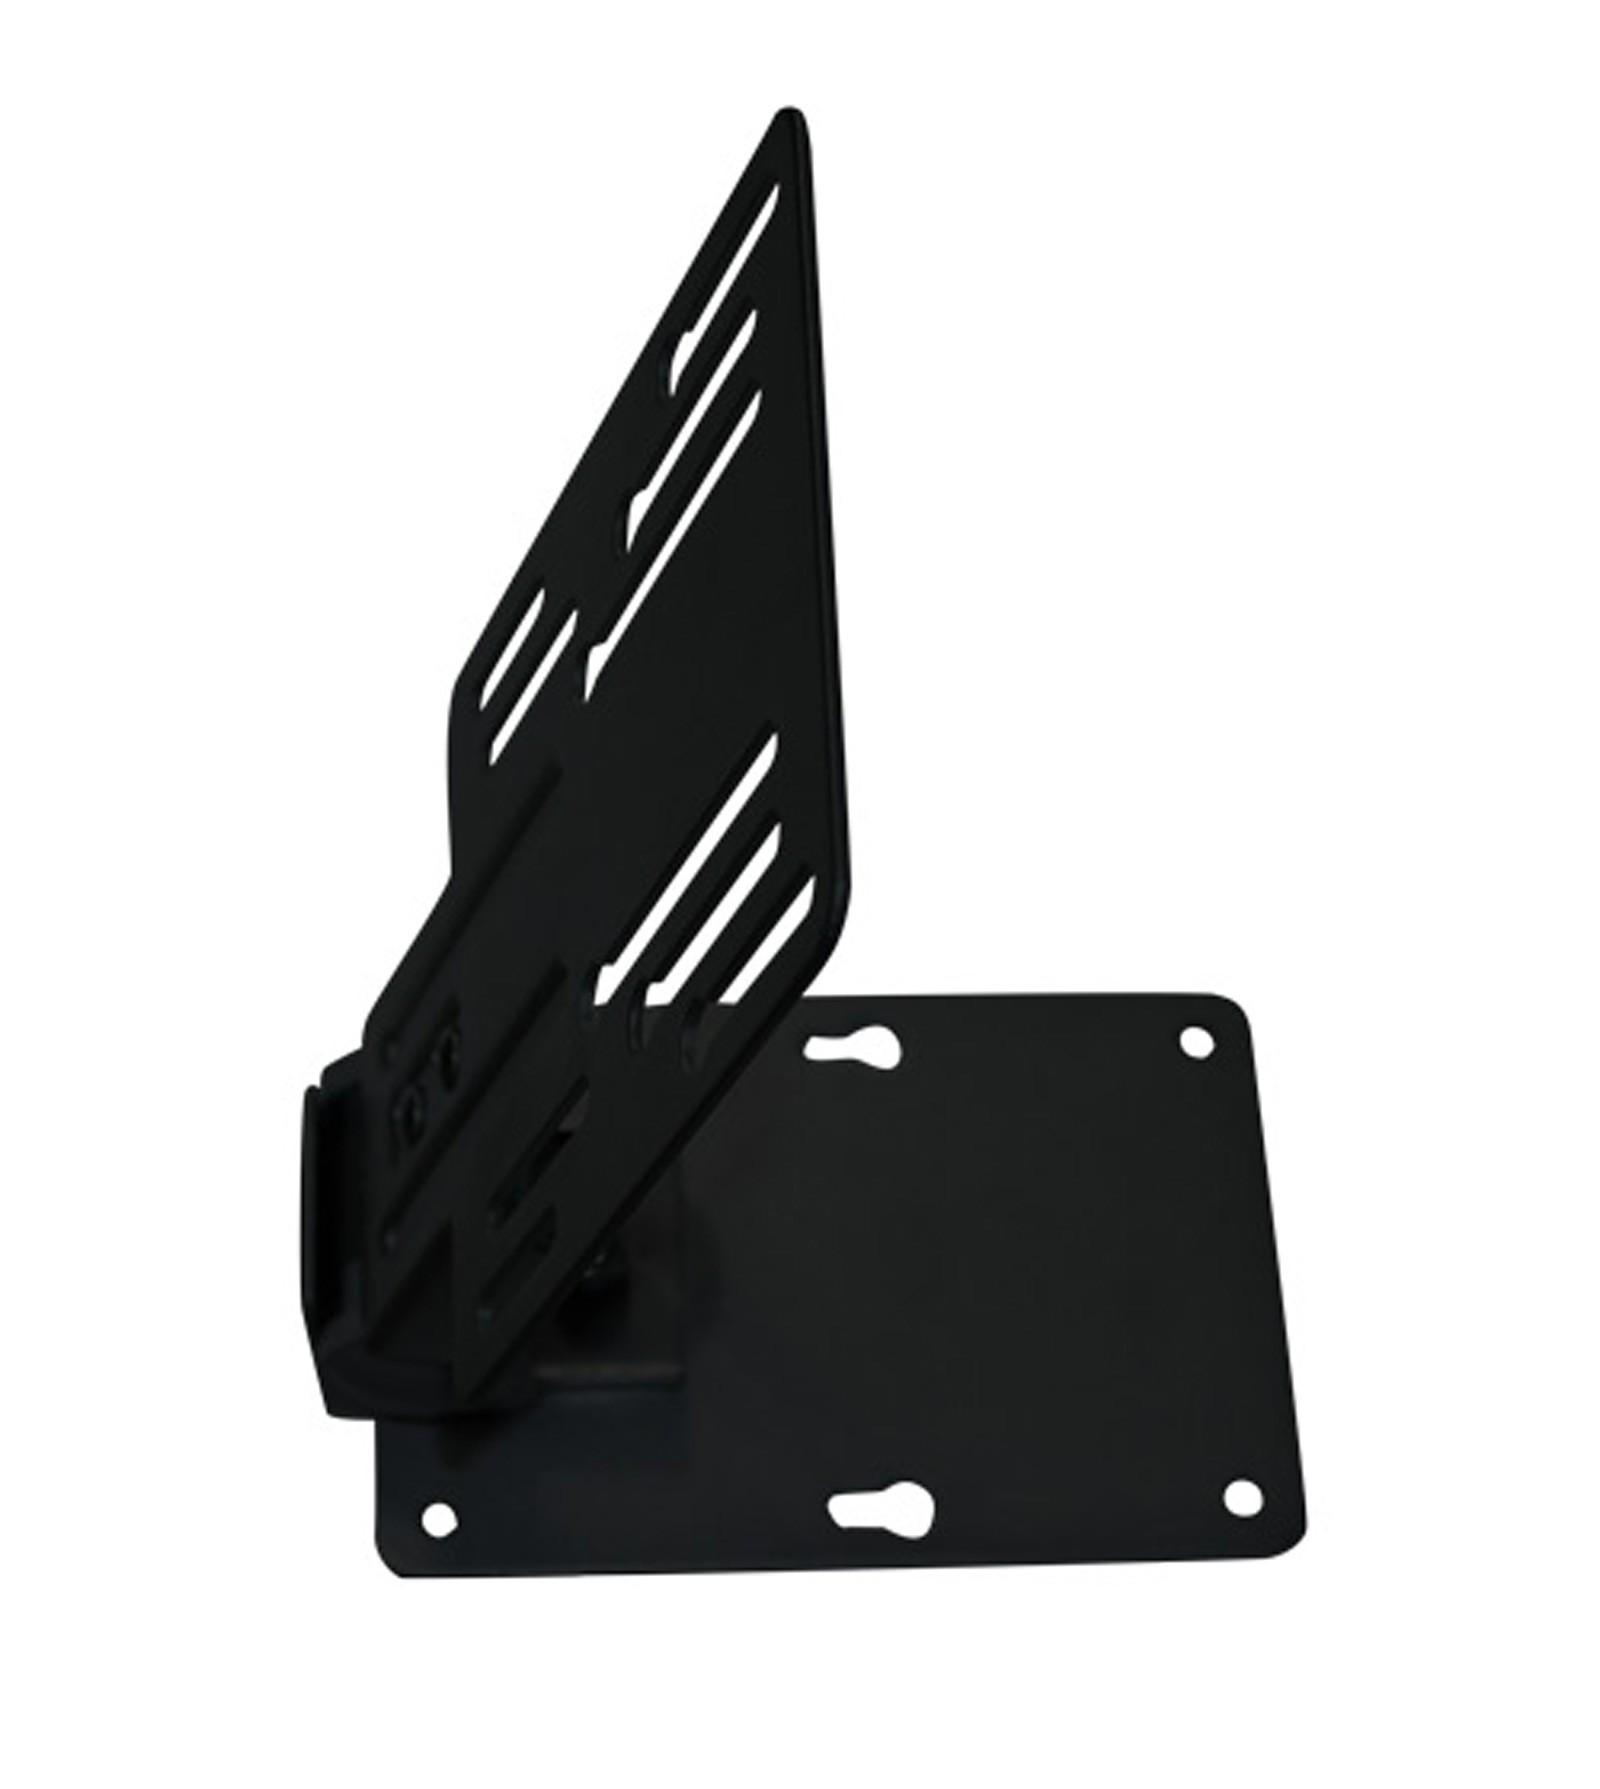 tv deckenhalterung unterbau deckenhalter bis 23 zoll klappbar schwenkbar schwarz ebay. Black Bedroom Furniture Sets. Home Design Ideas